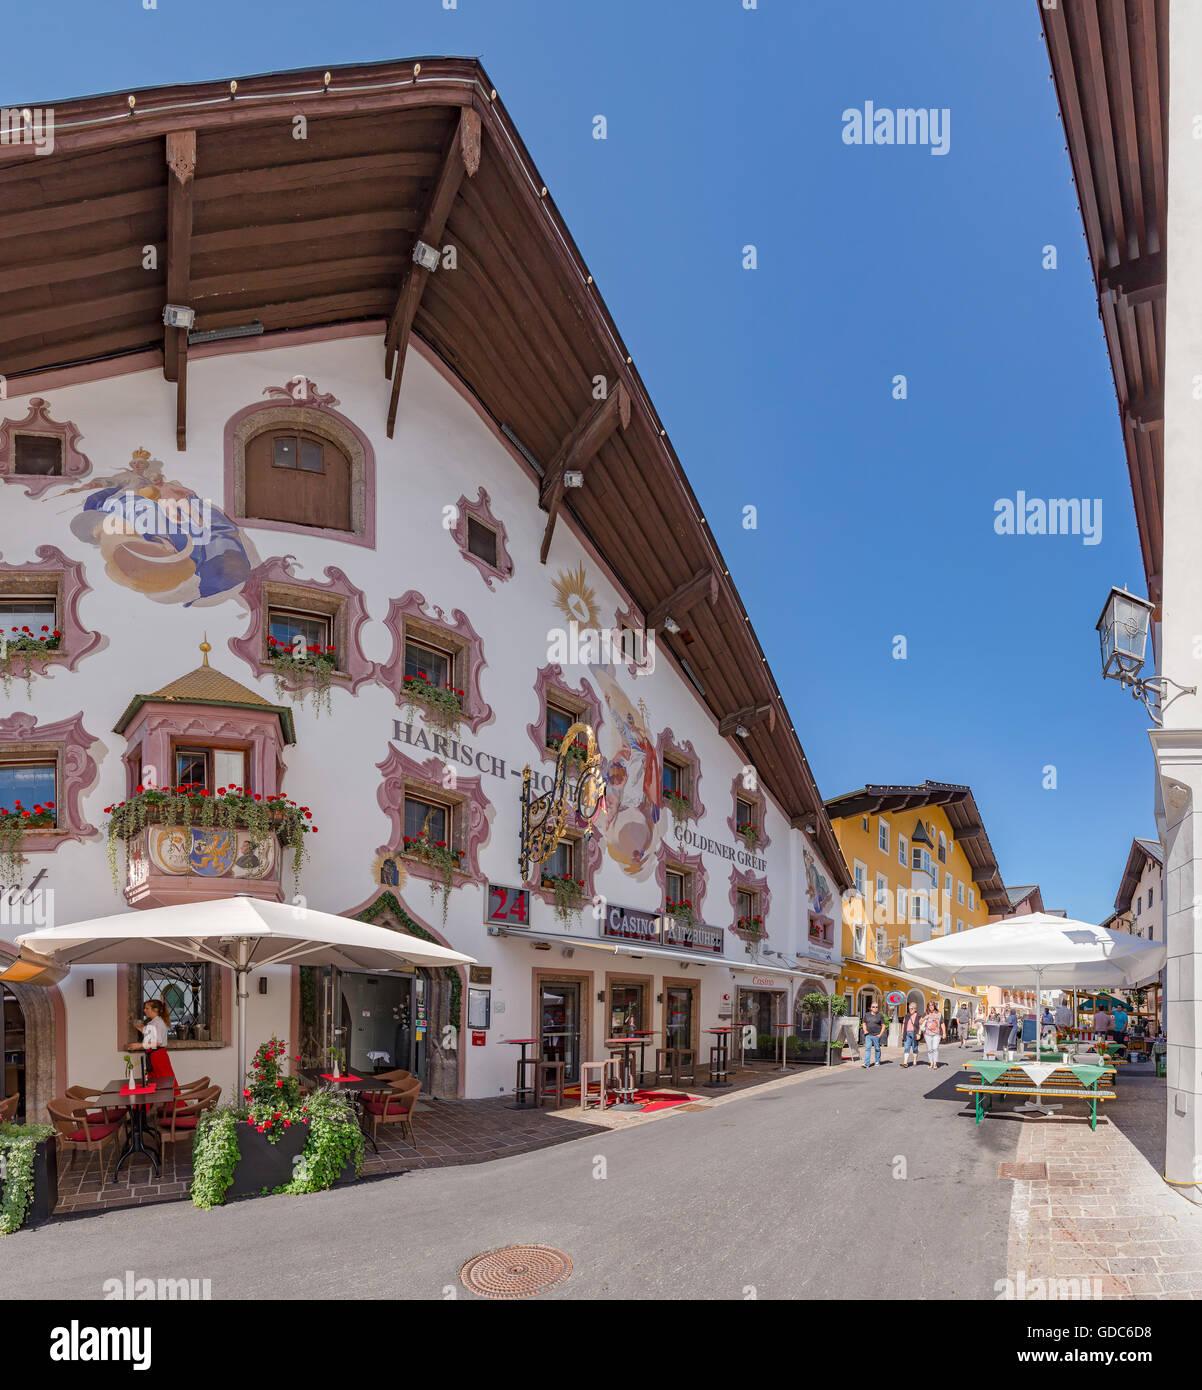 Kitzbühel, Österreich, dekoriert-Hotel, Pension in der Hinterstadt Straße Stockbild